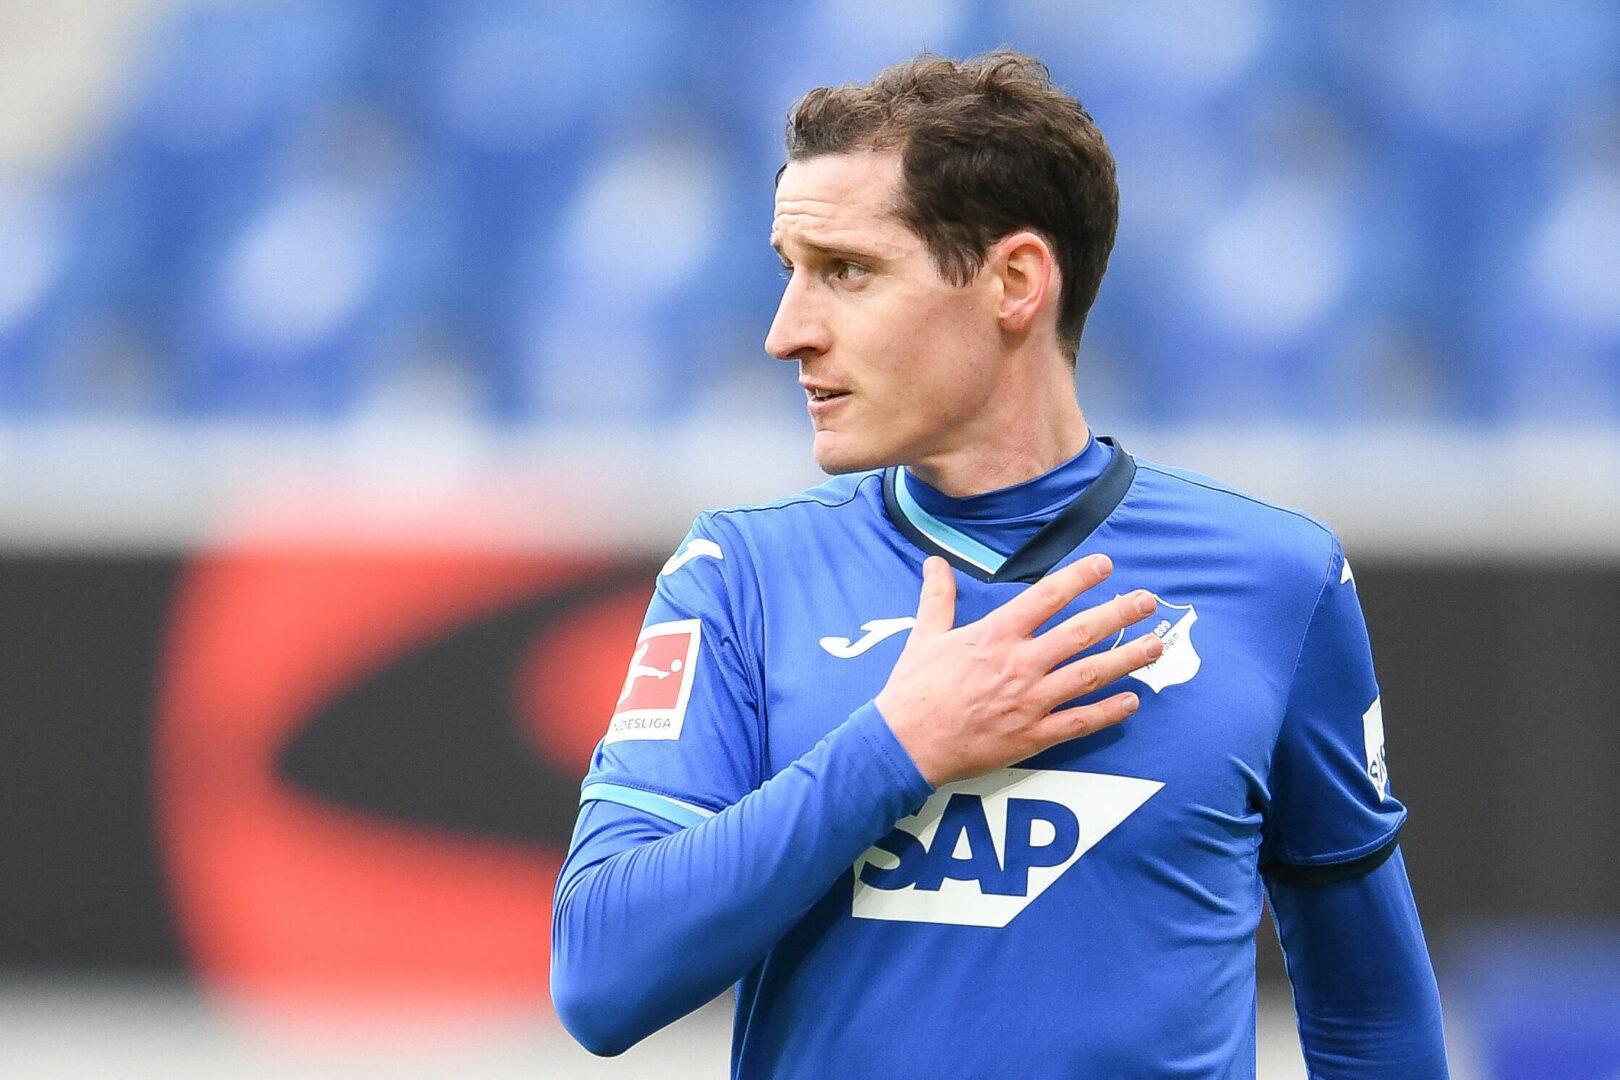 Rudy TSG Hoffenheim